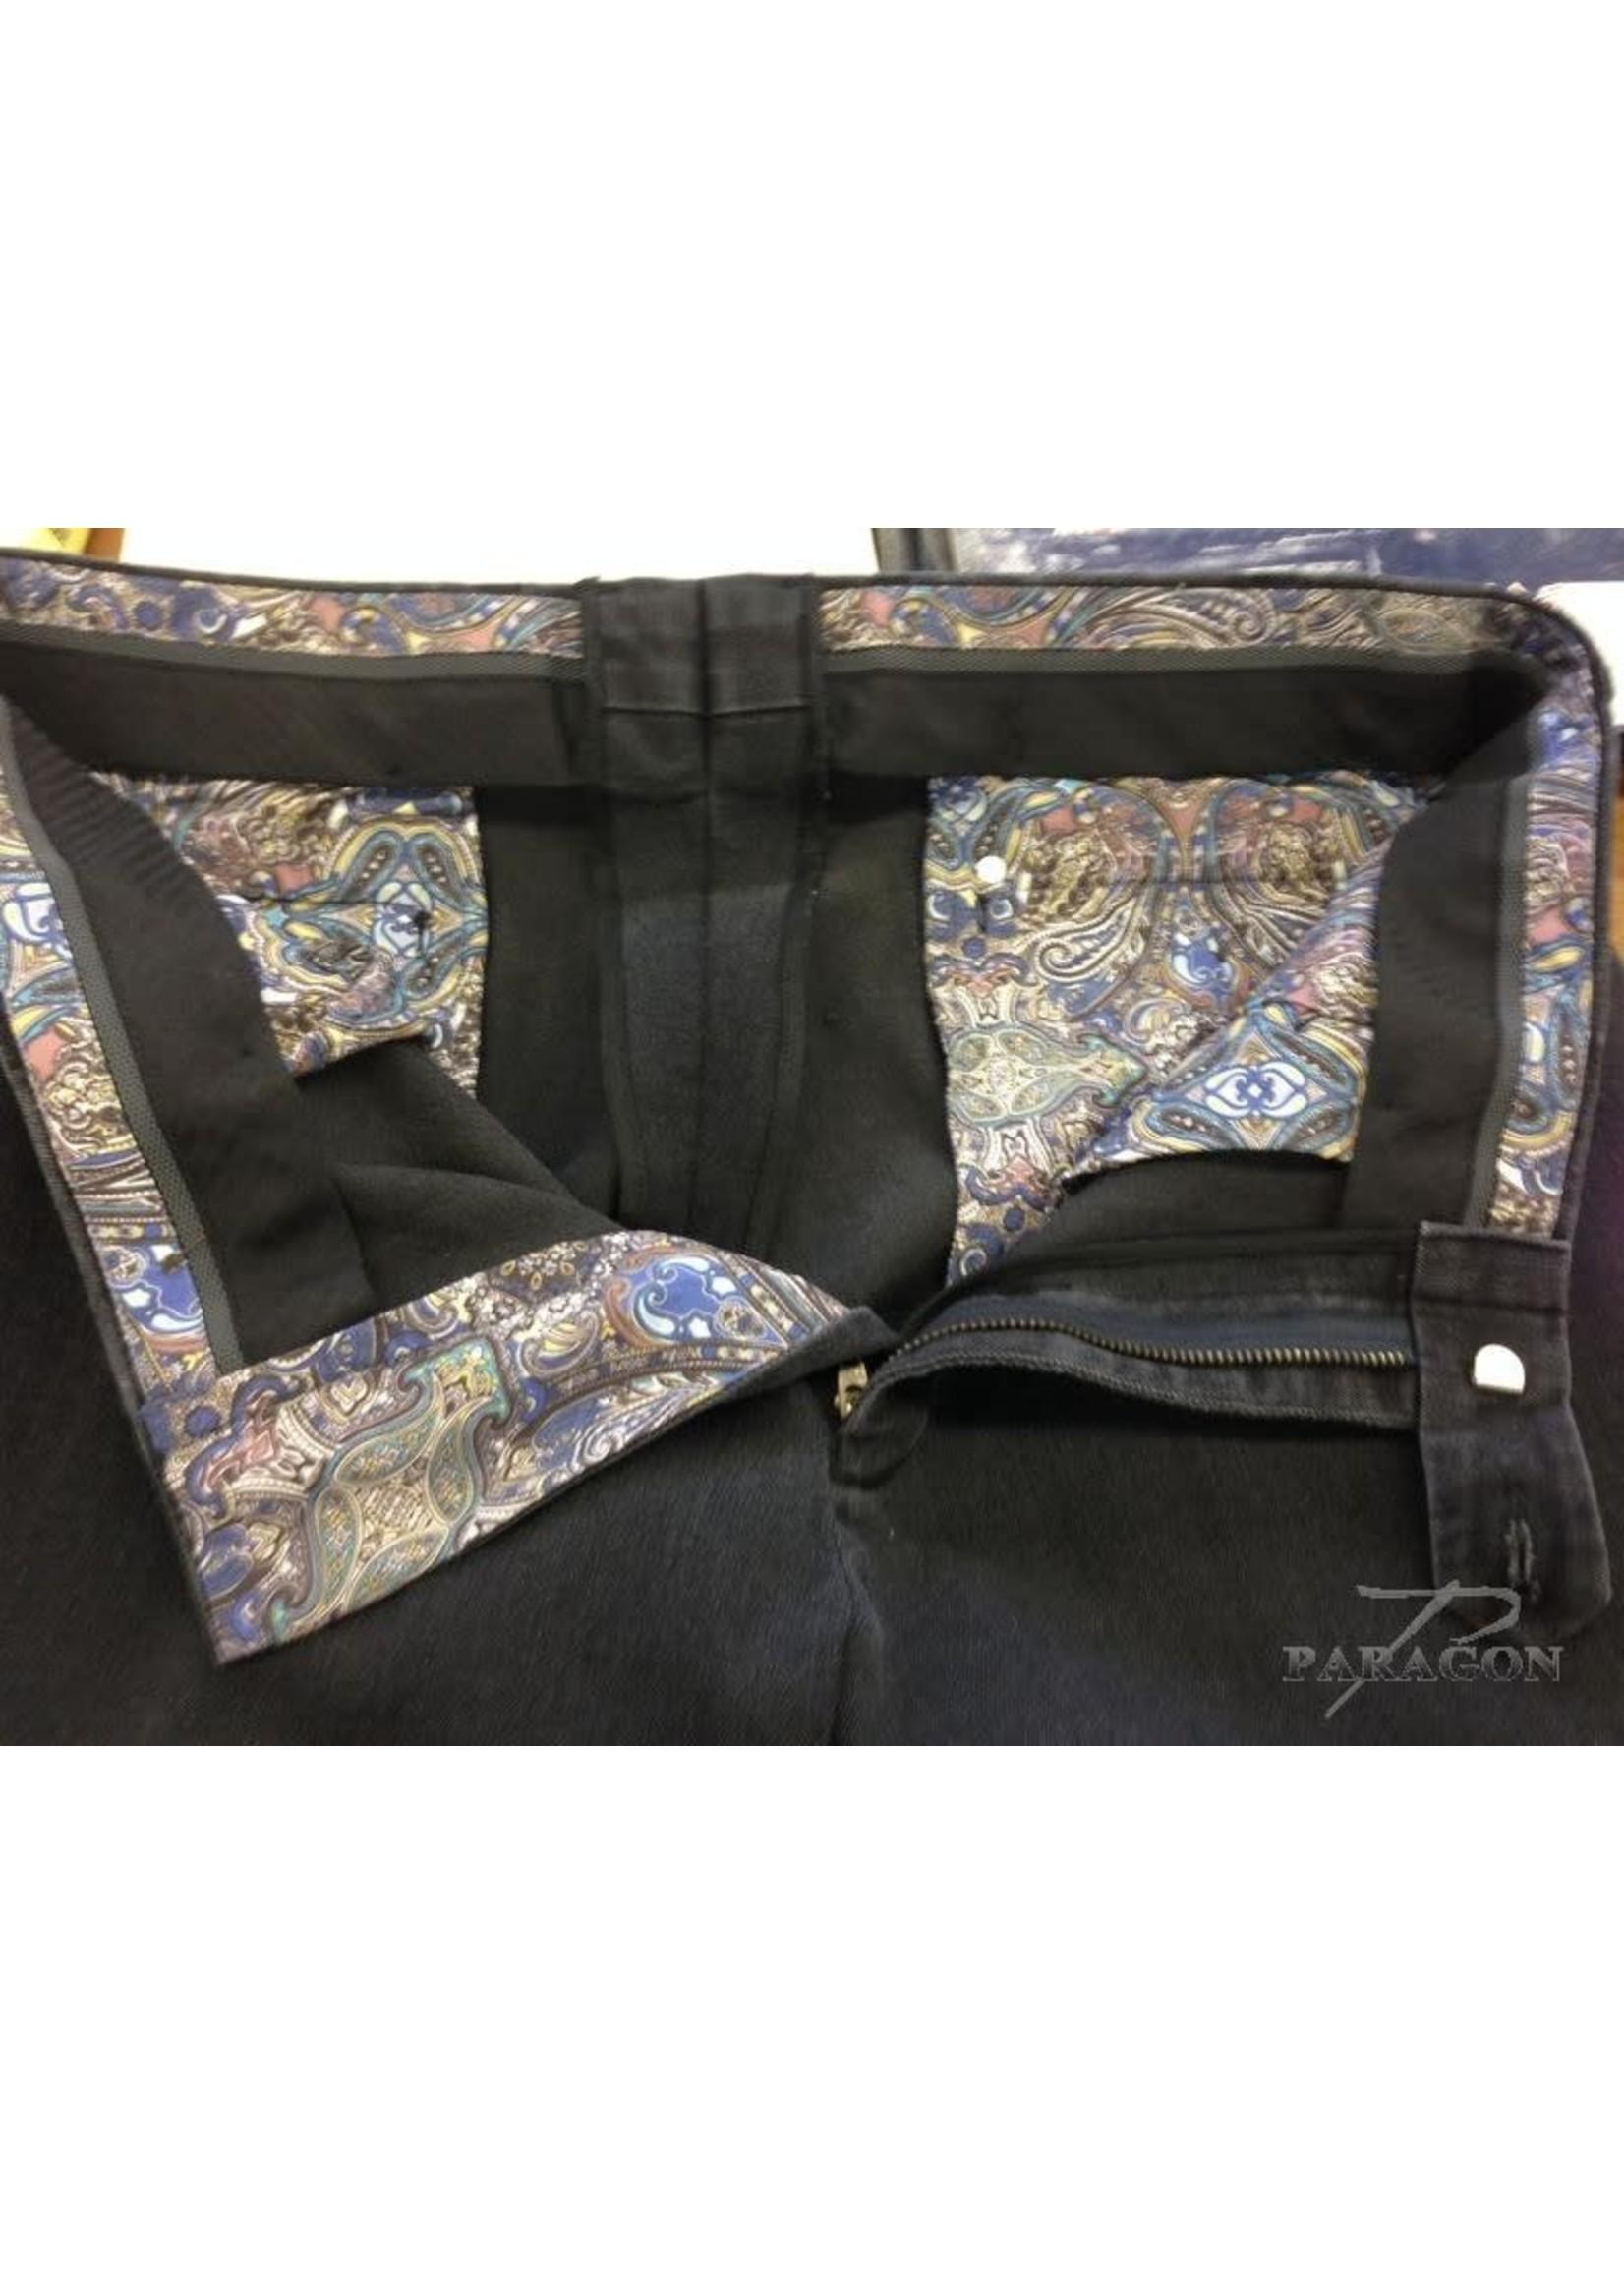 J Grill J.GRILL Trousers – Denim (Stretch) Full Top Pocket